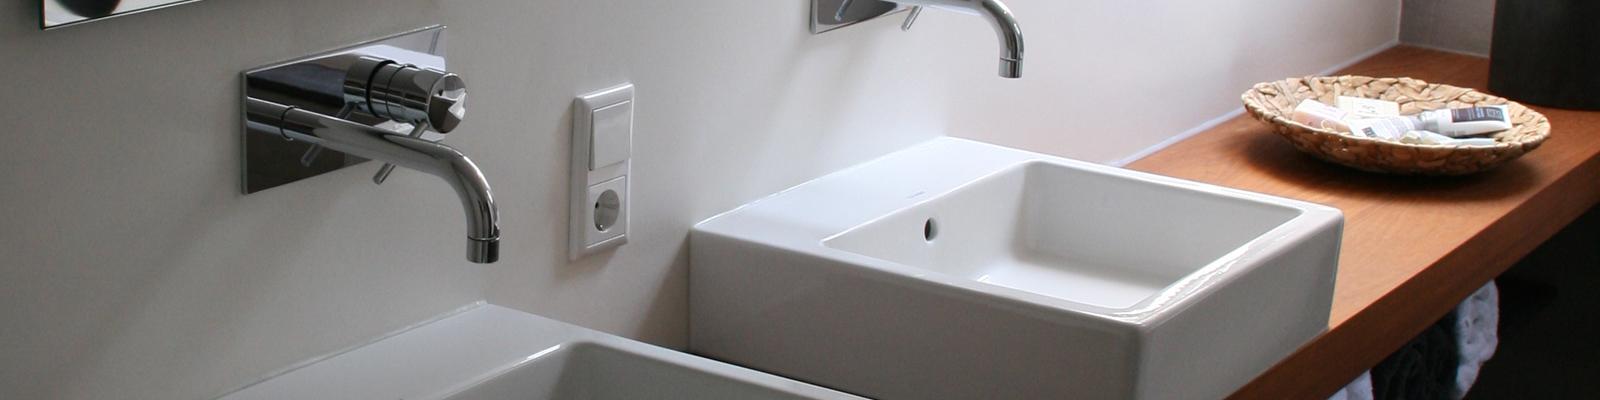 badkamer en slaapkamer, met sauna en inloopkast, Meubels Ideeën